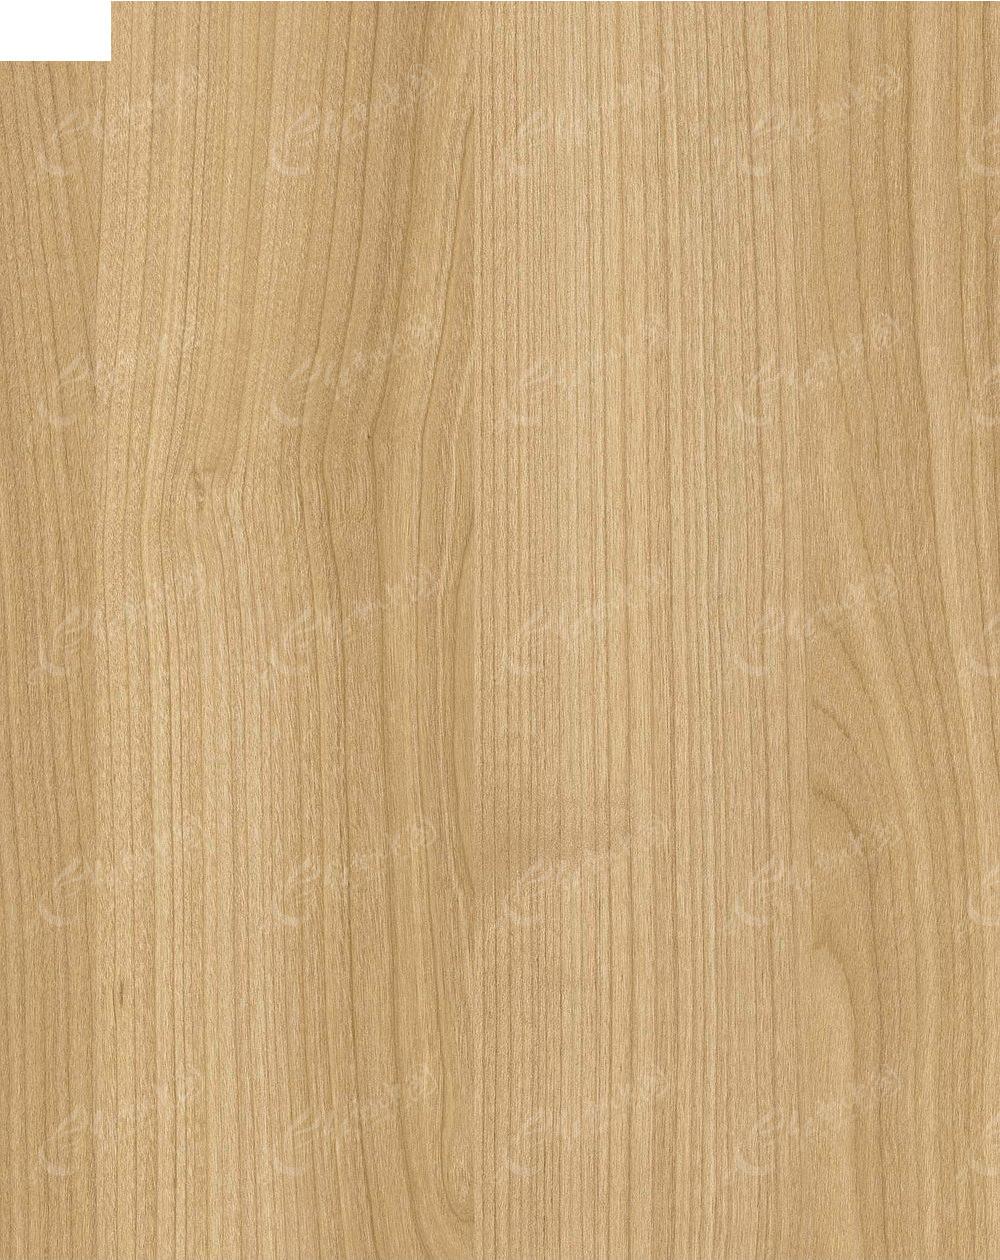 木材纹理贴图jpg免费下载